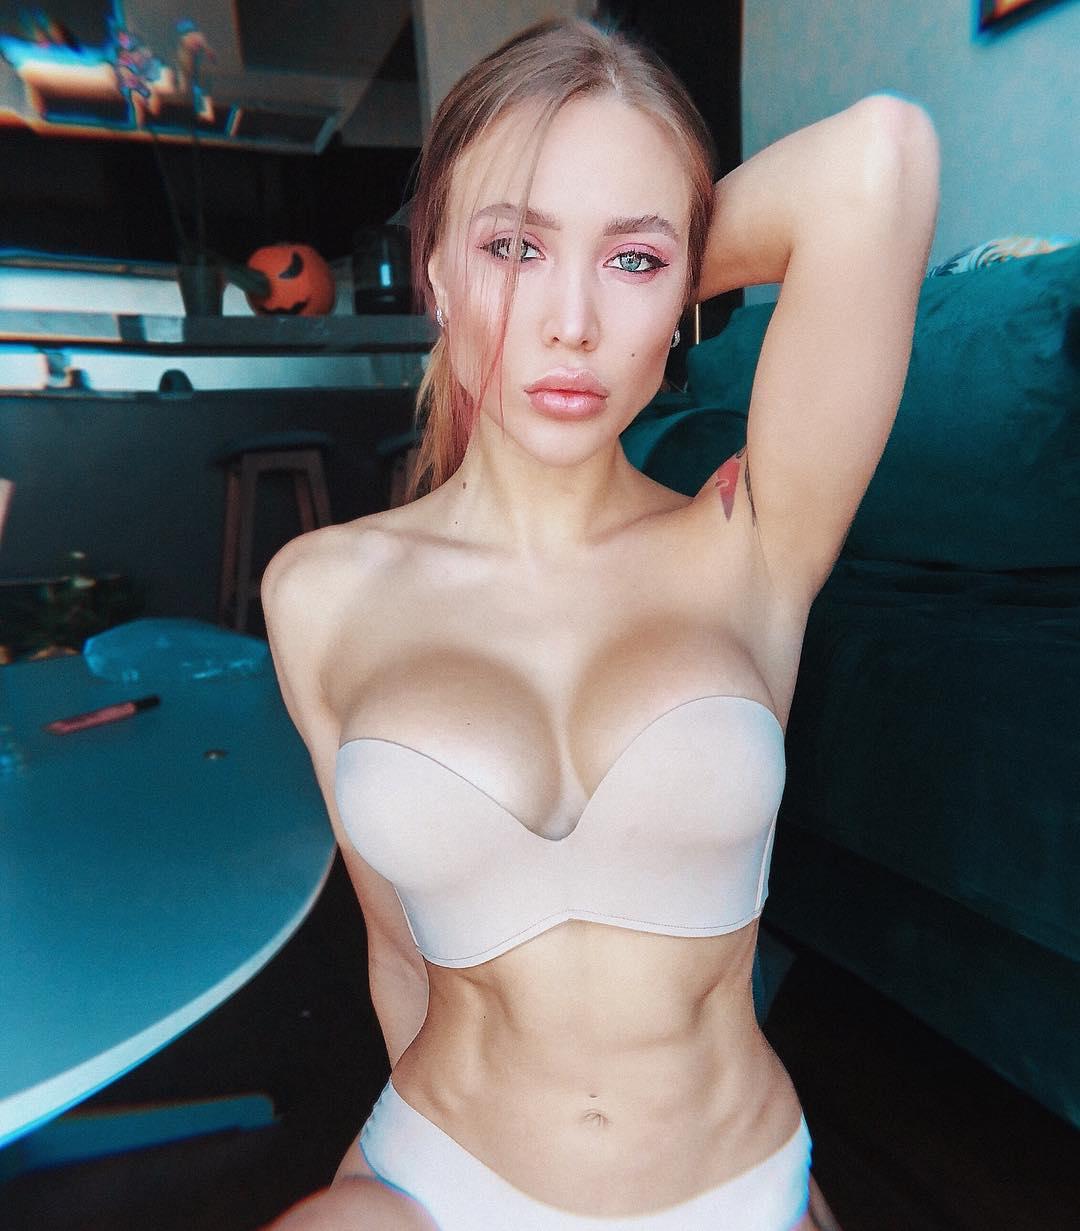 Елизавета полыгалова инстаграм official